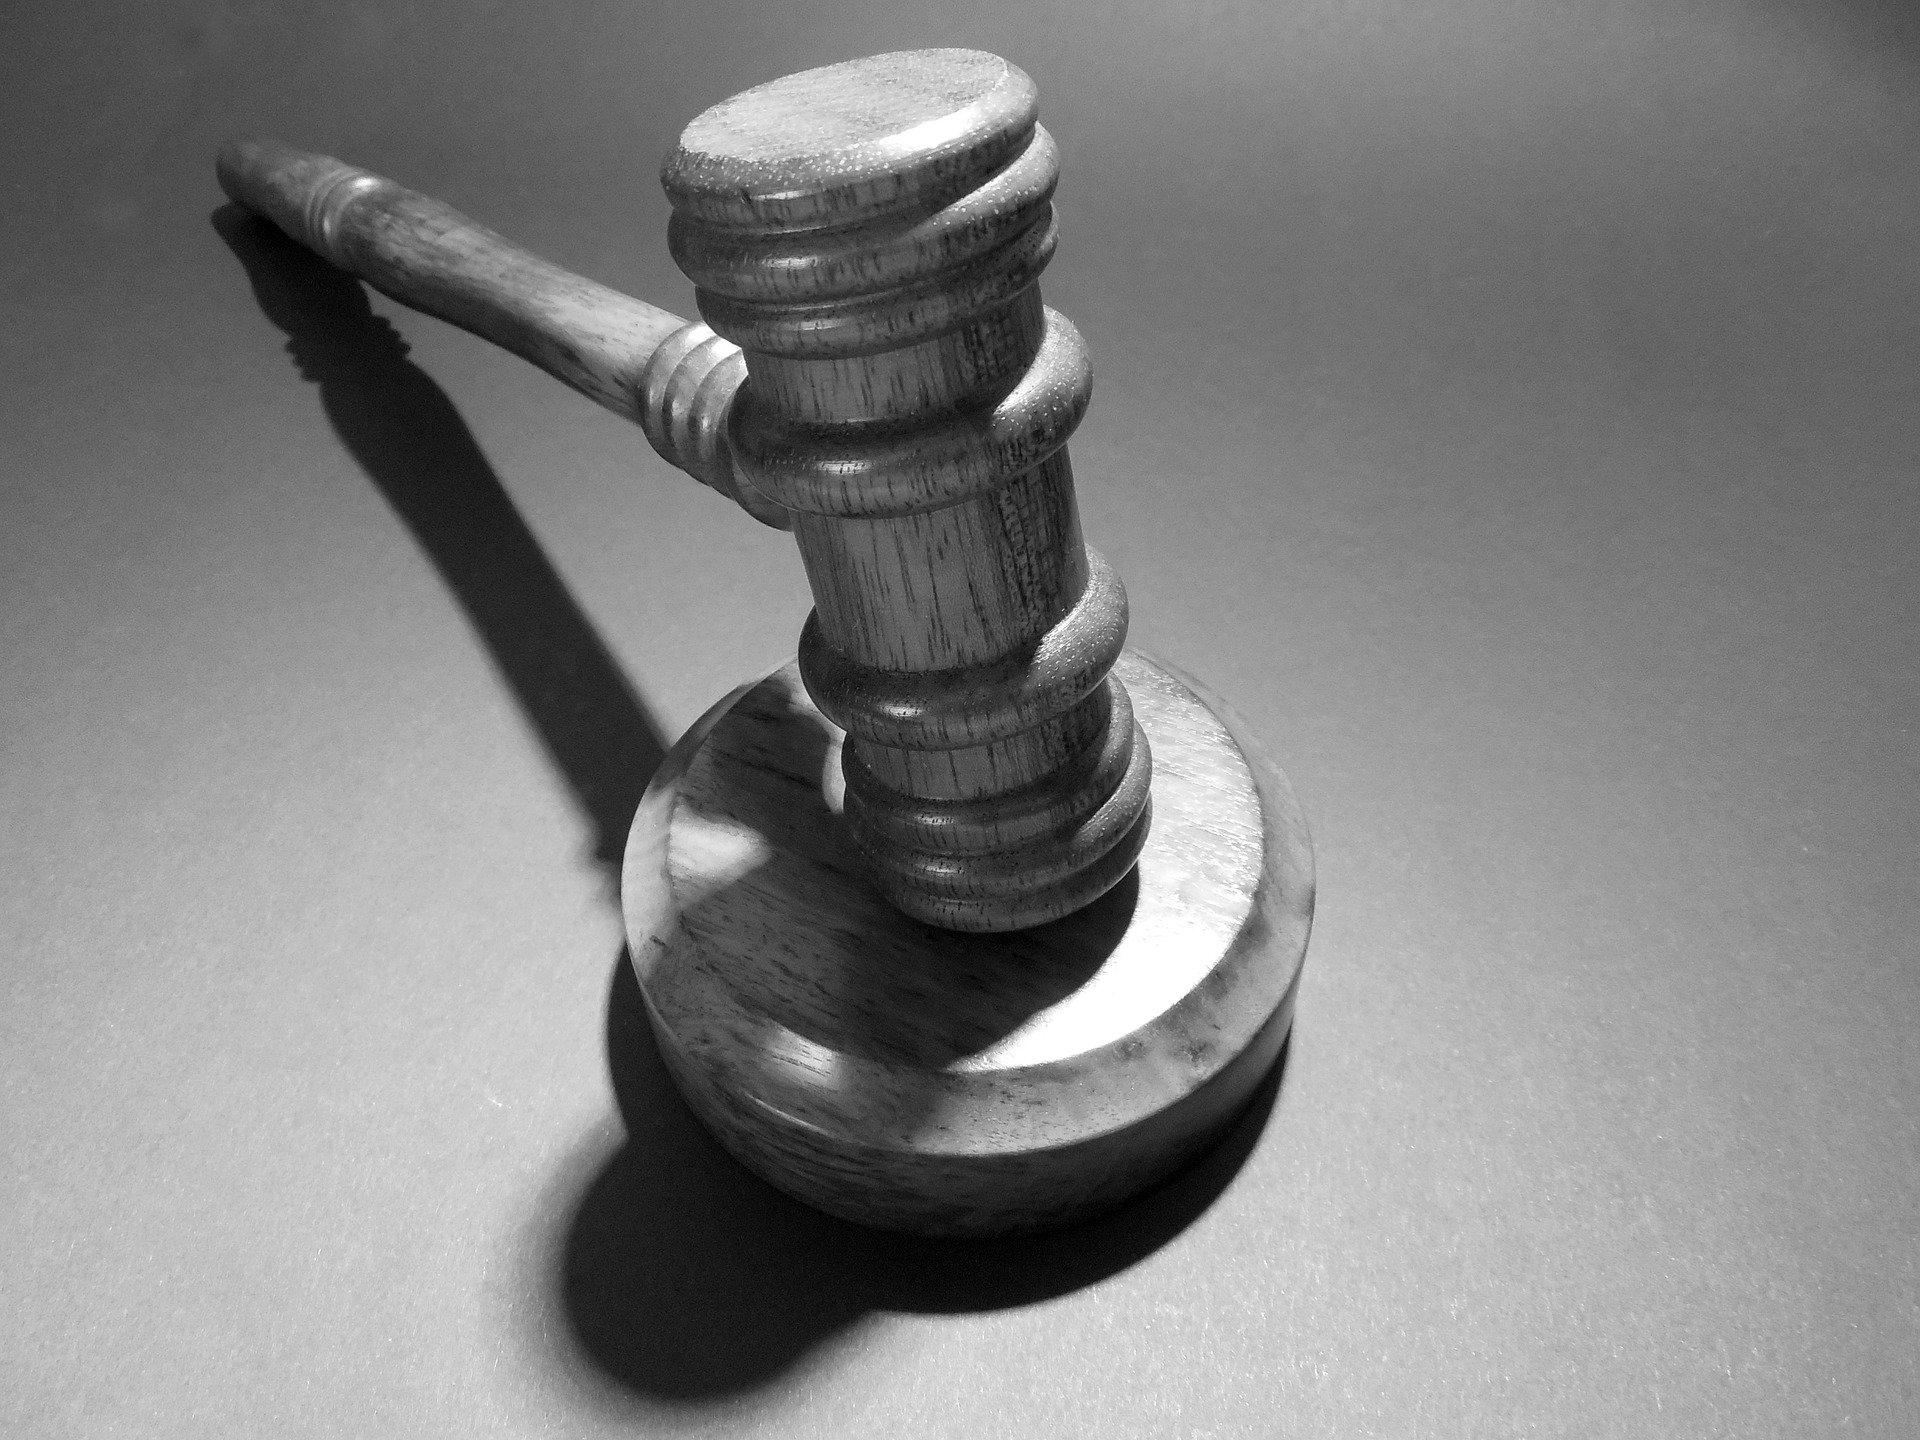 Інформація, зазначена в скарзі, є недостовірною та завдає шкоди діловій репутації. Чи пристав на такі твердження Верховний Суд?